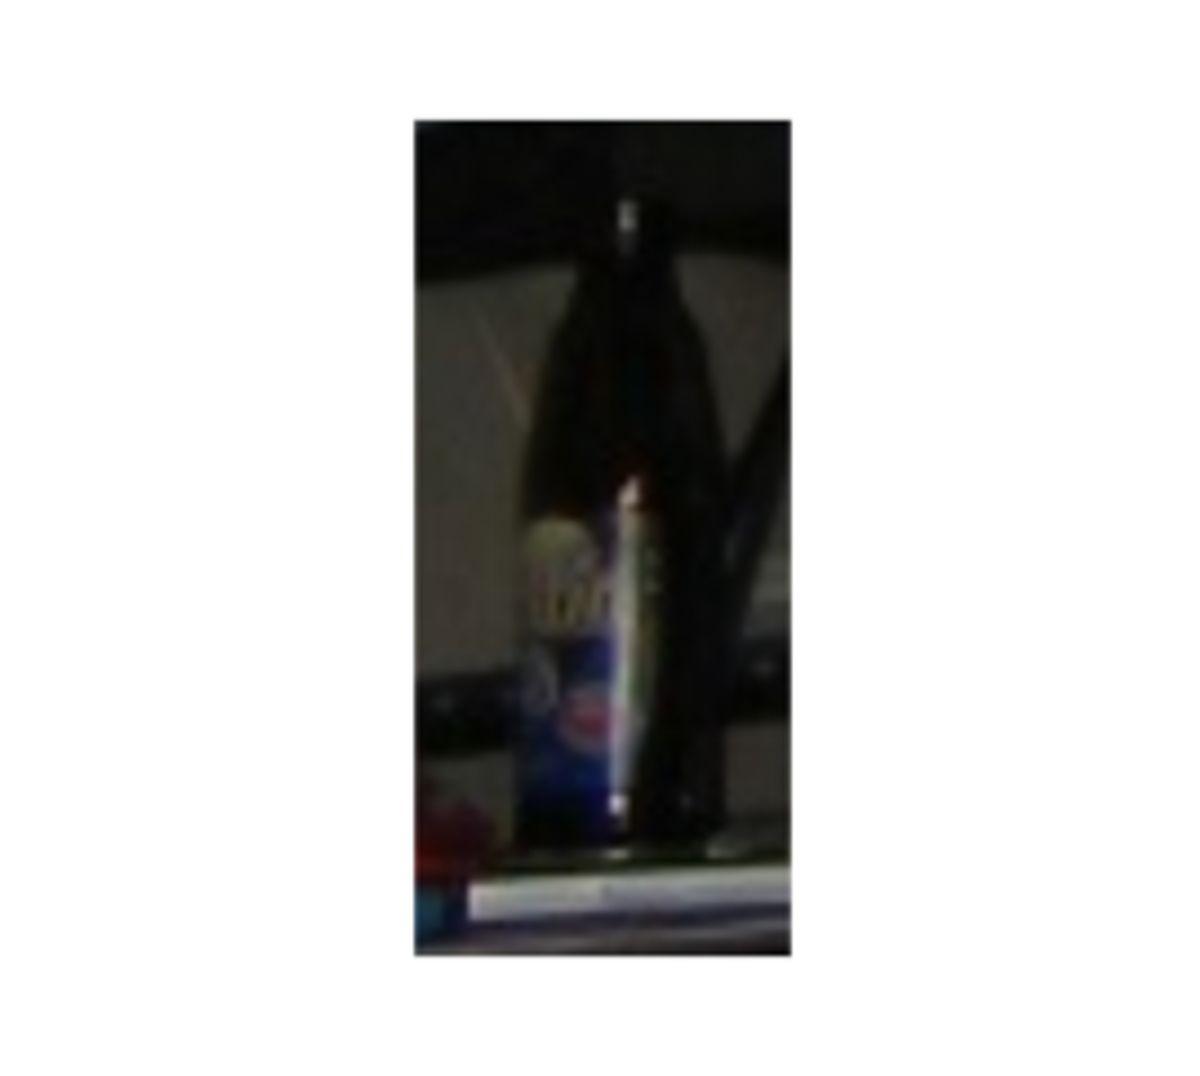 Har du set denne slags flaske før? Foto: Europol